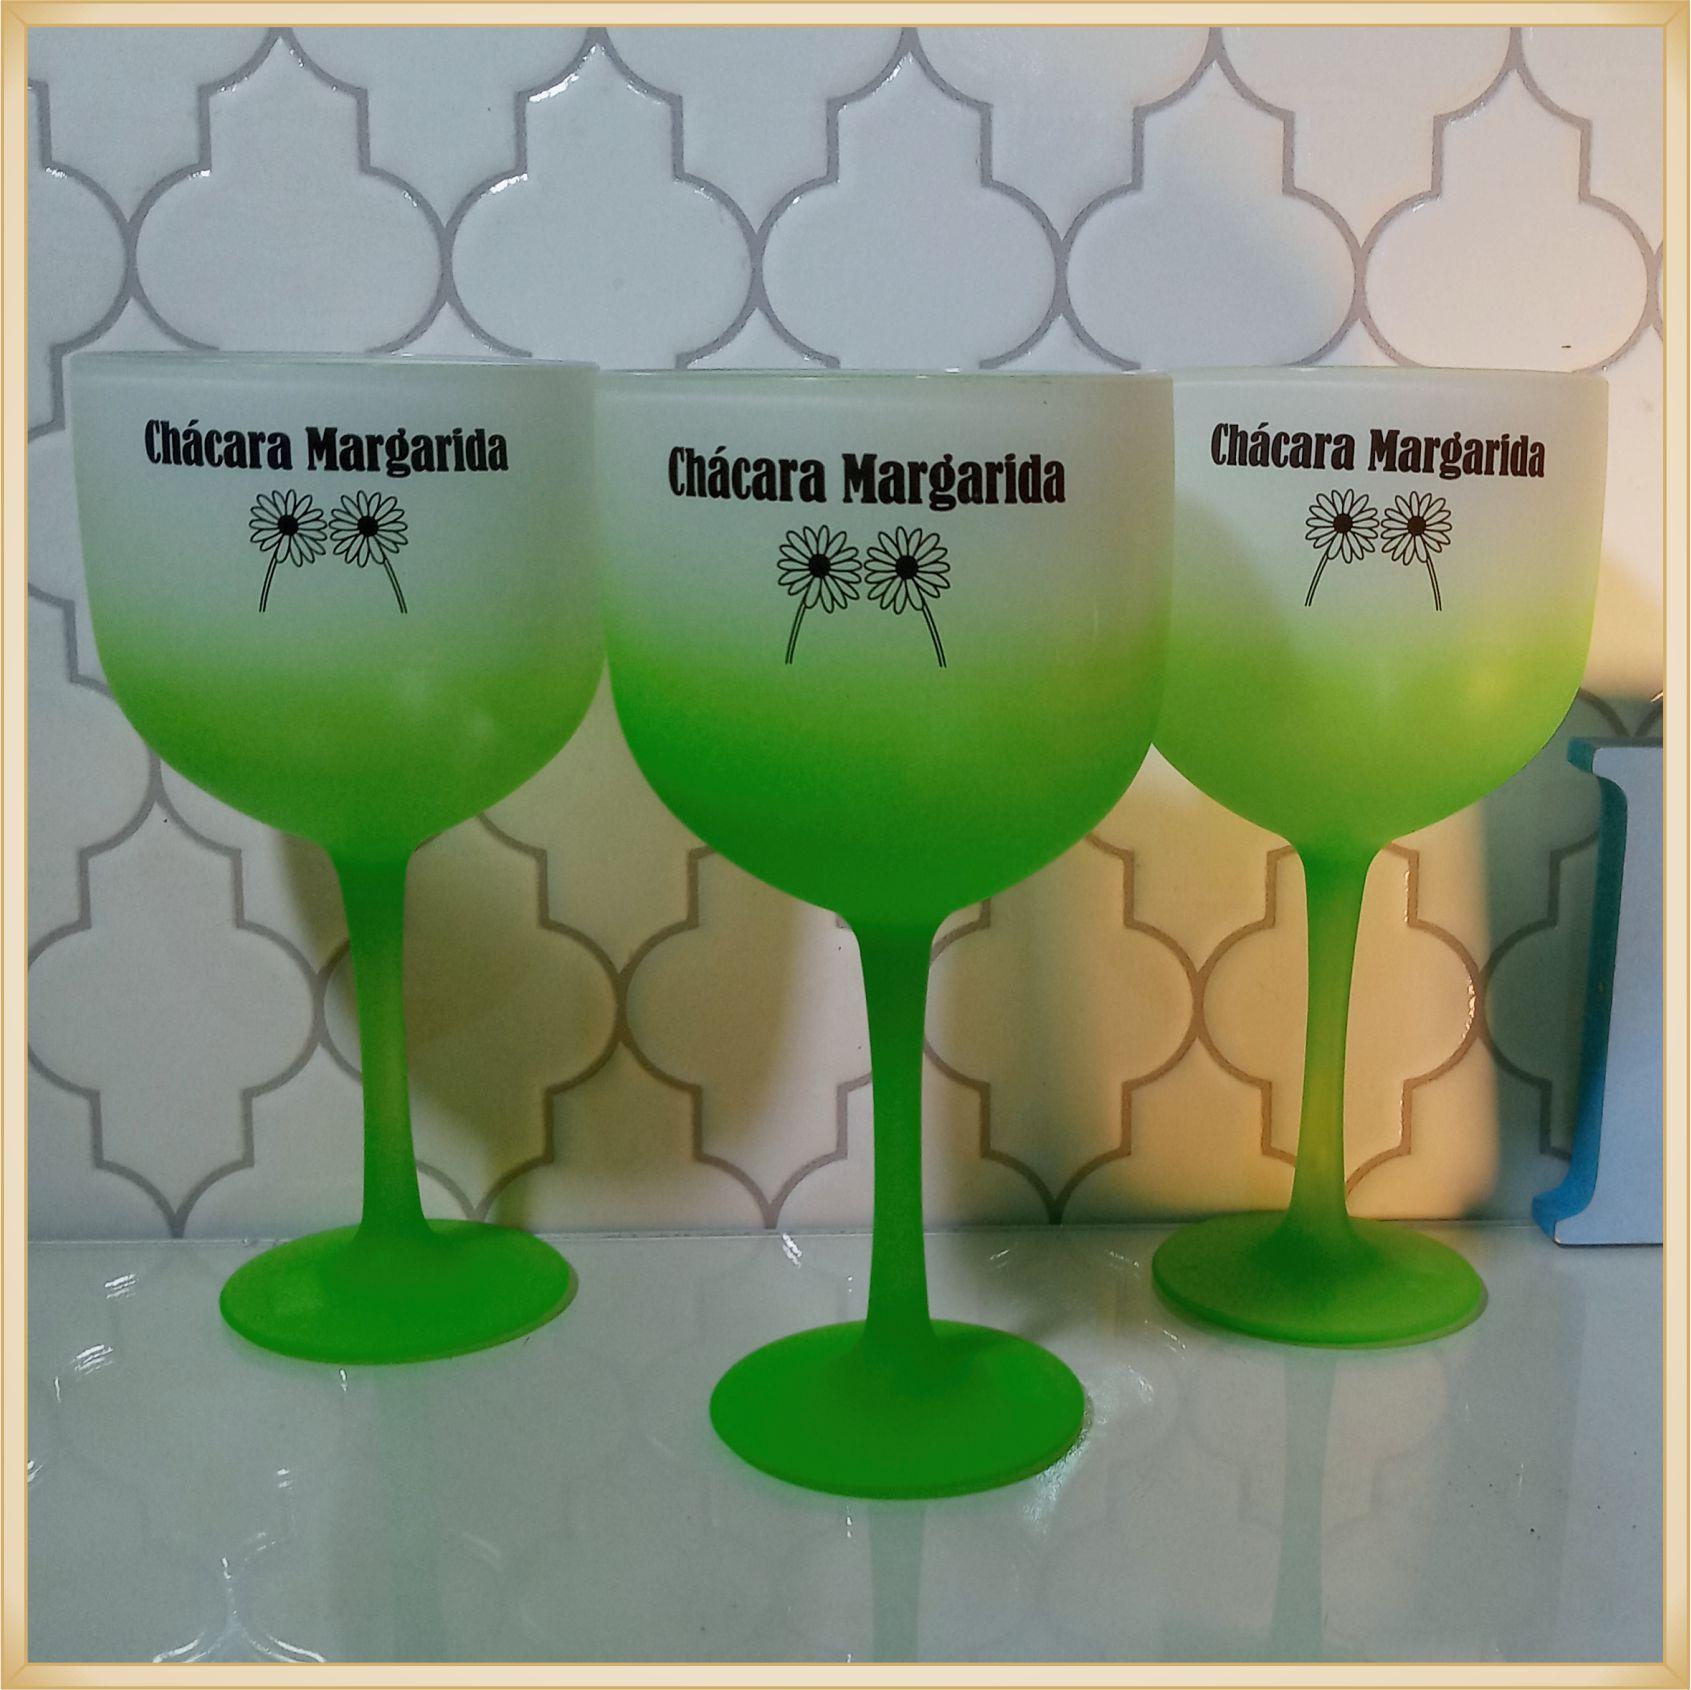 Taças de gin degradê personalizadas - kit com 20 unidades